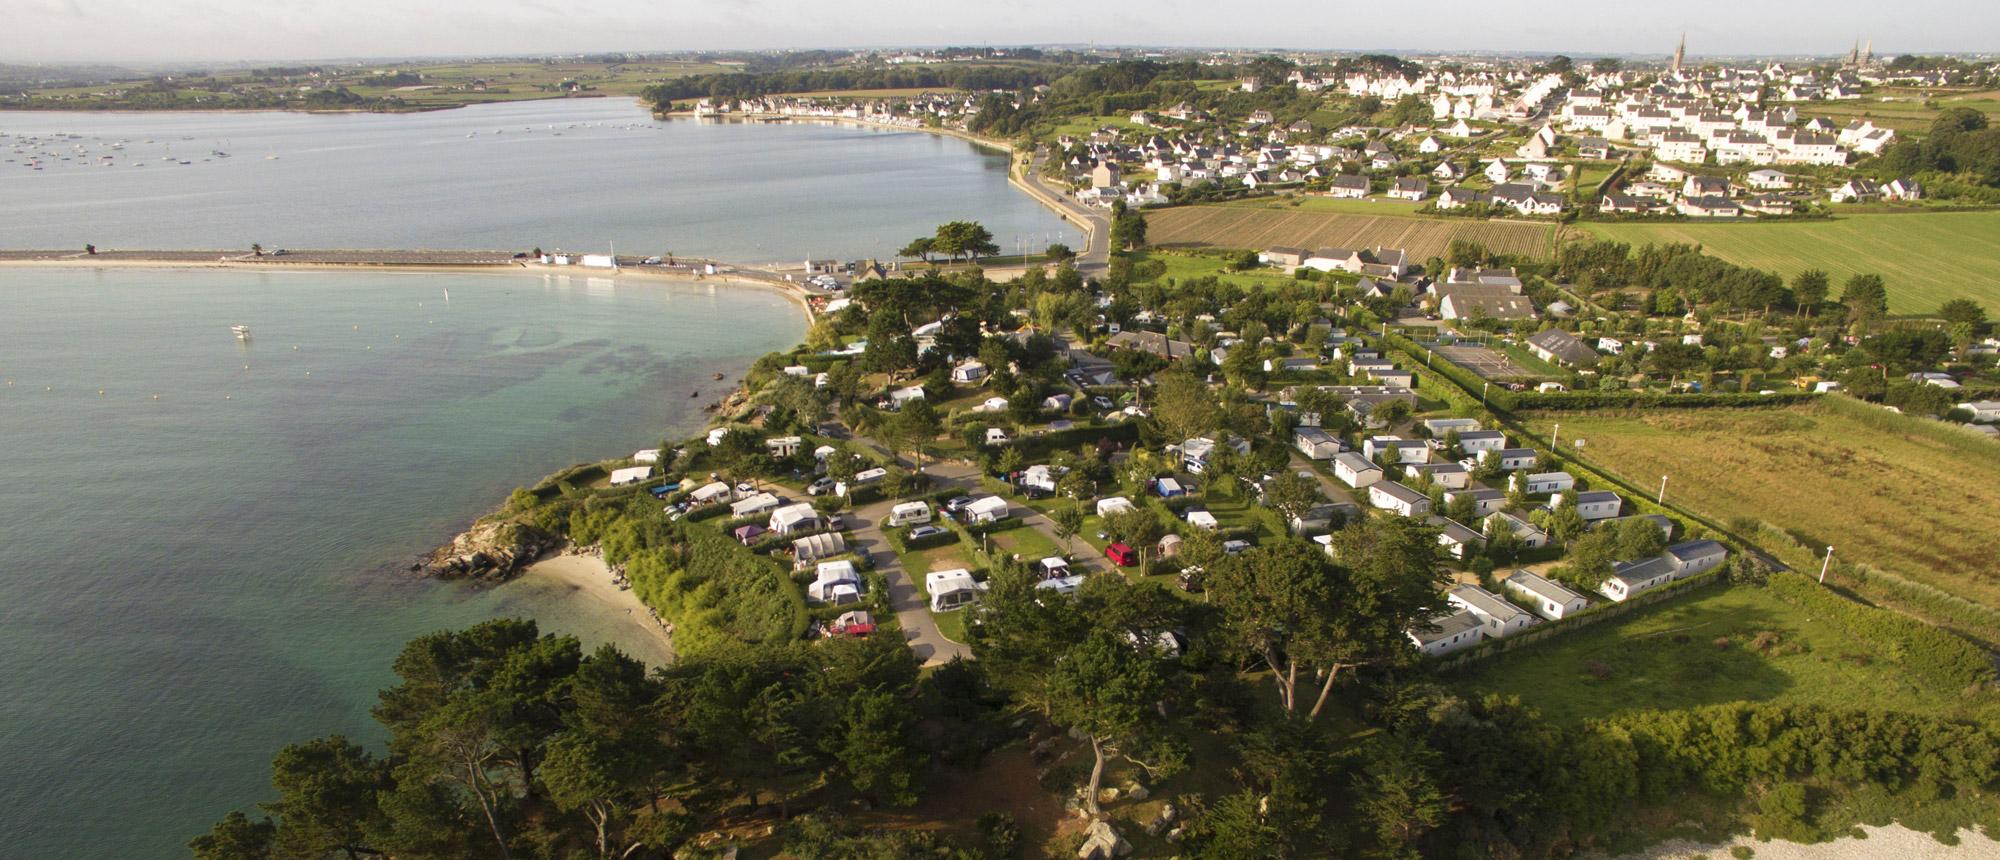 Camping Ar Kleguer Saint-Pol-de-Léon